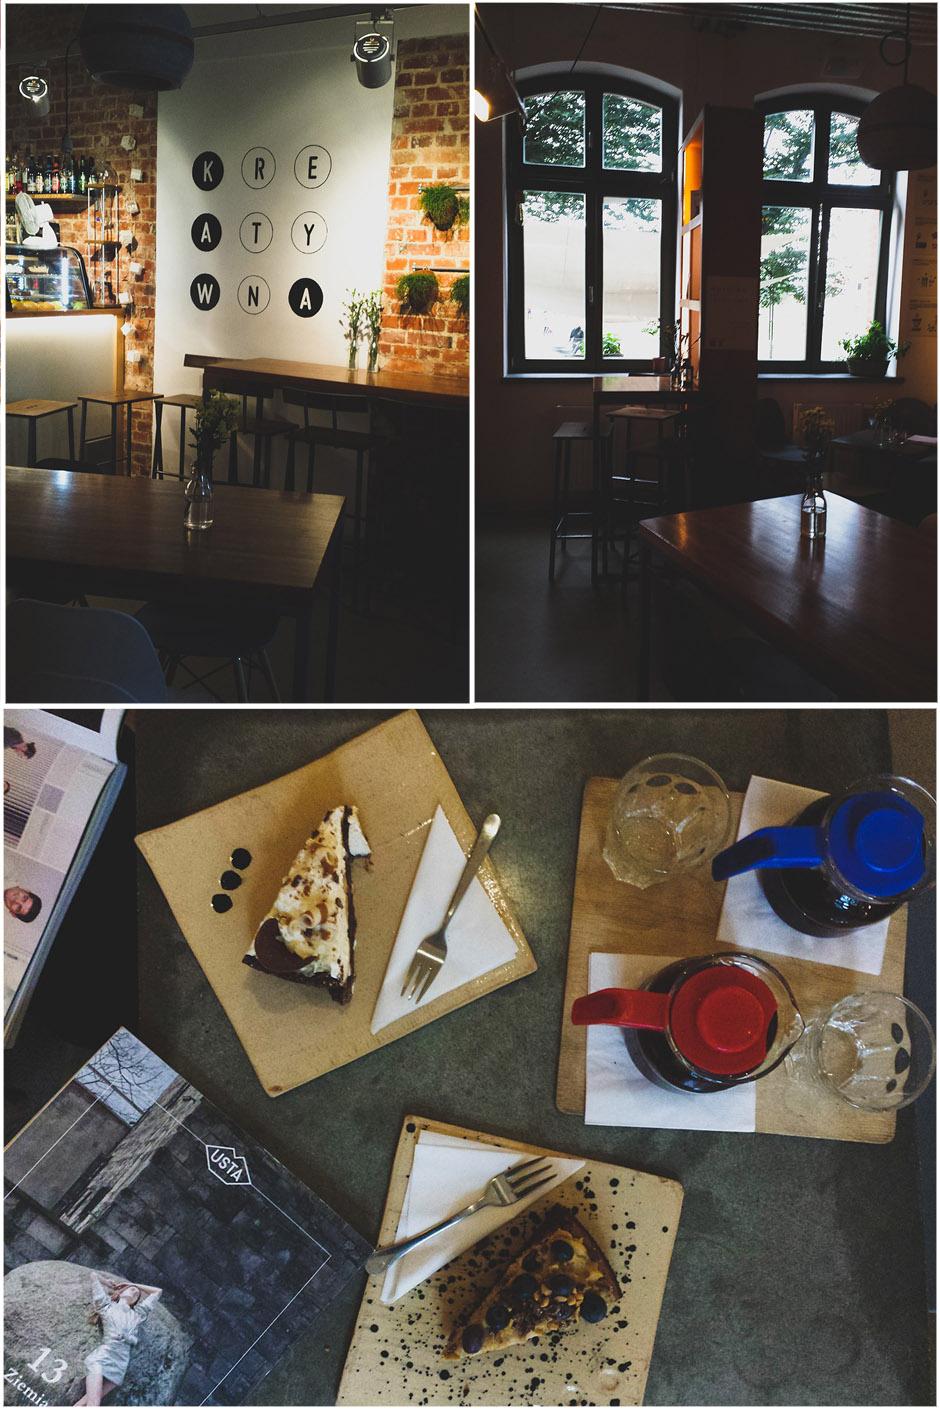 gdzie na kawe w gdansku